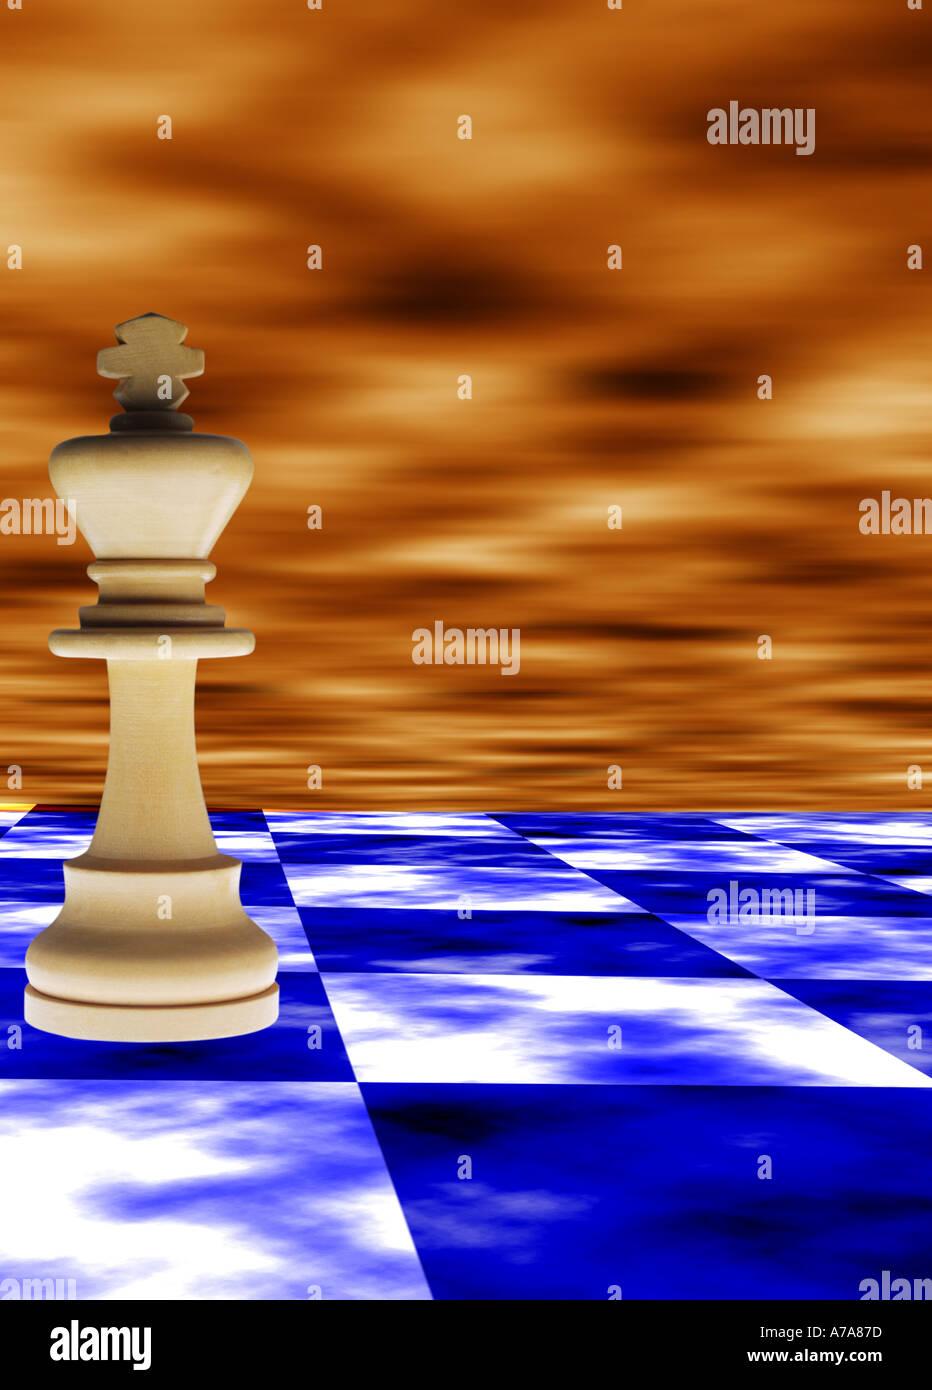 Riese, Schach, Stücke, Spiel, abstraktes Konzept Special Effects, Strategie, Theorie, rational, Studie, mathematische, Modell, Stockbild